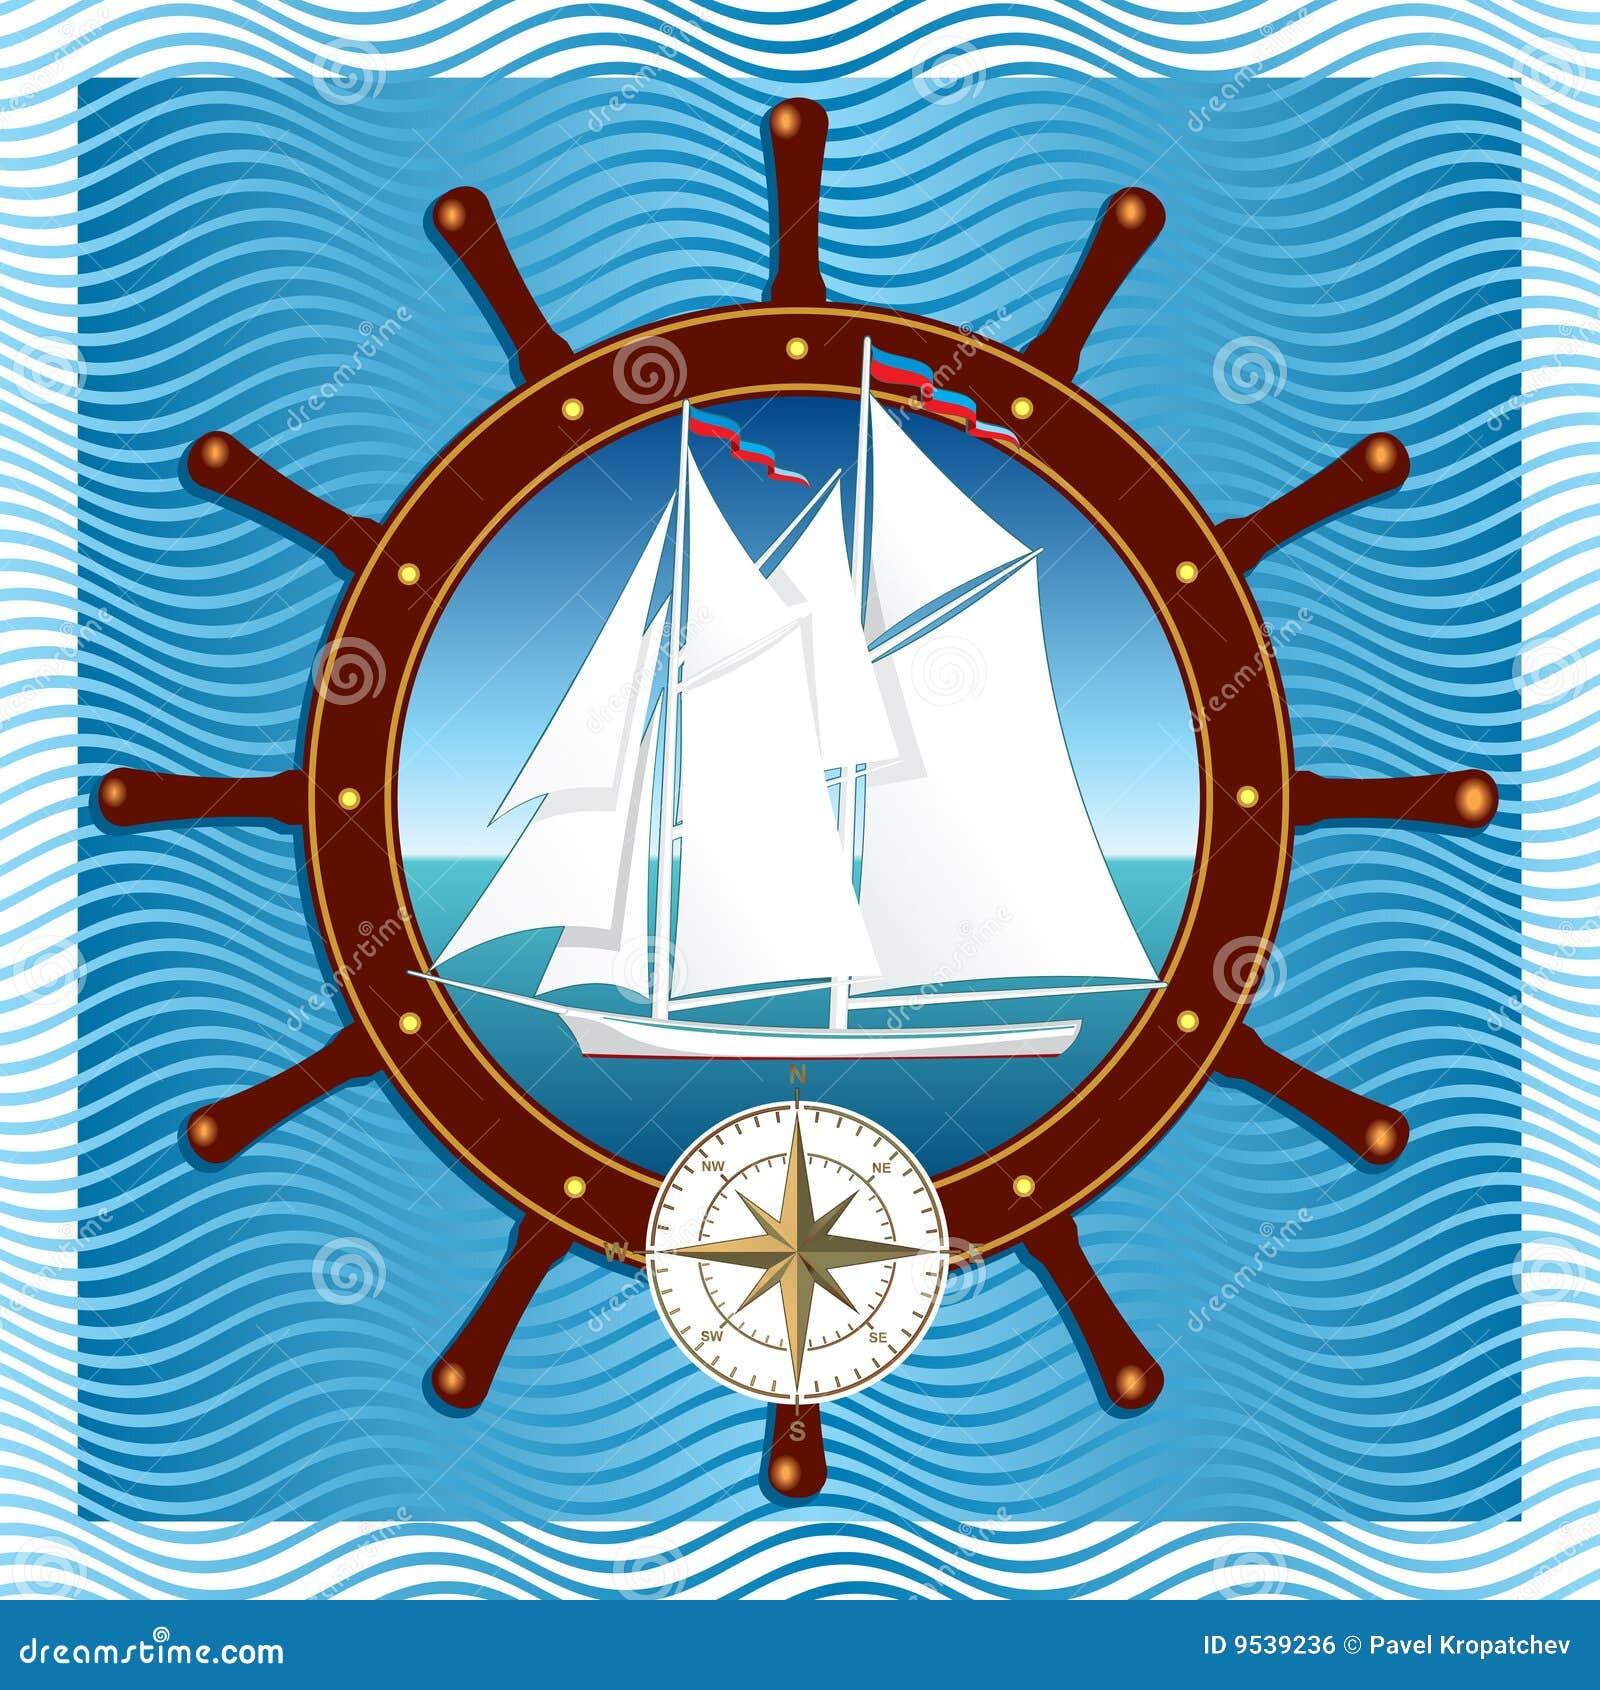 SeaShip